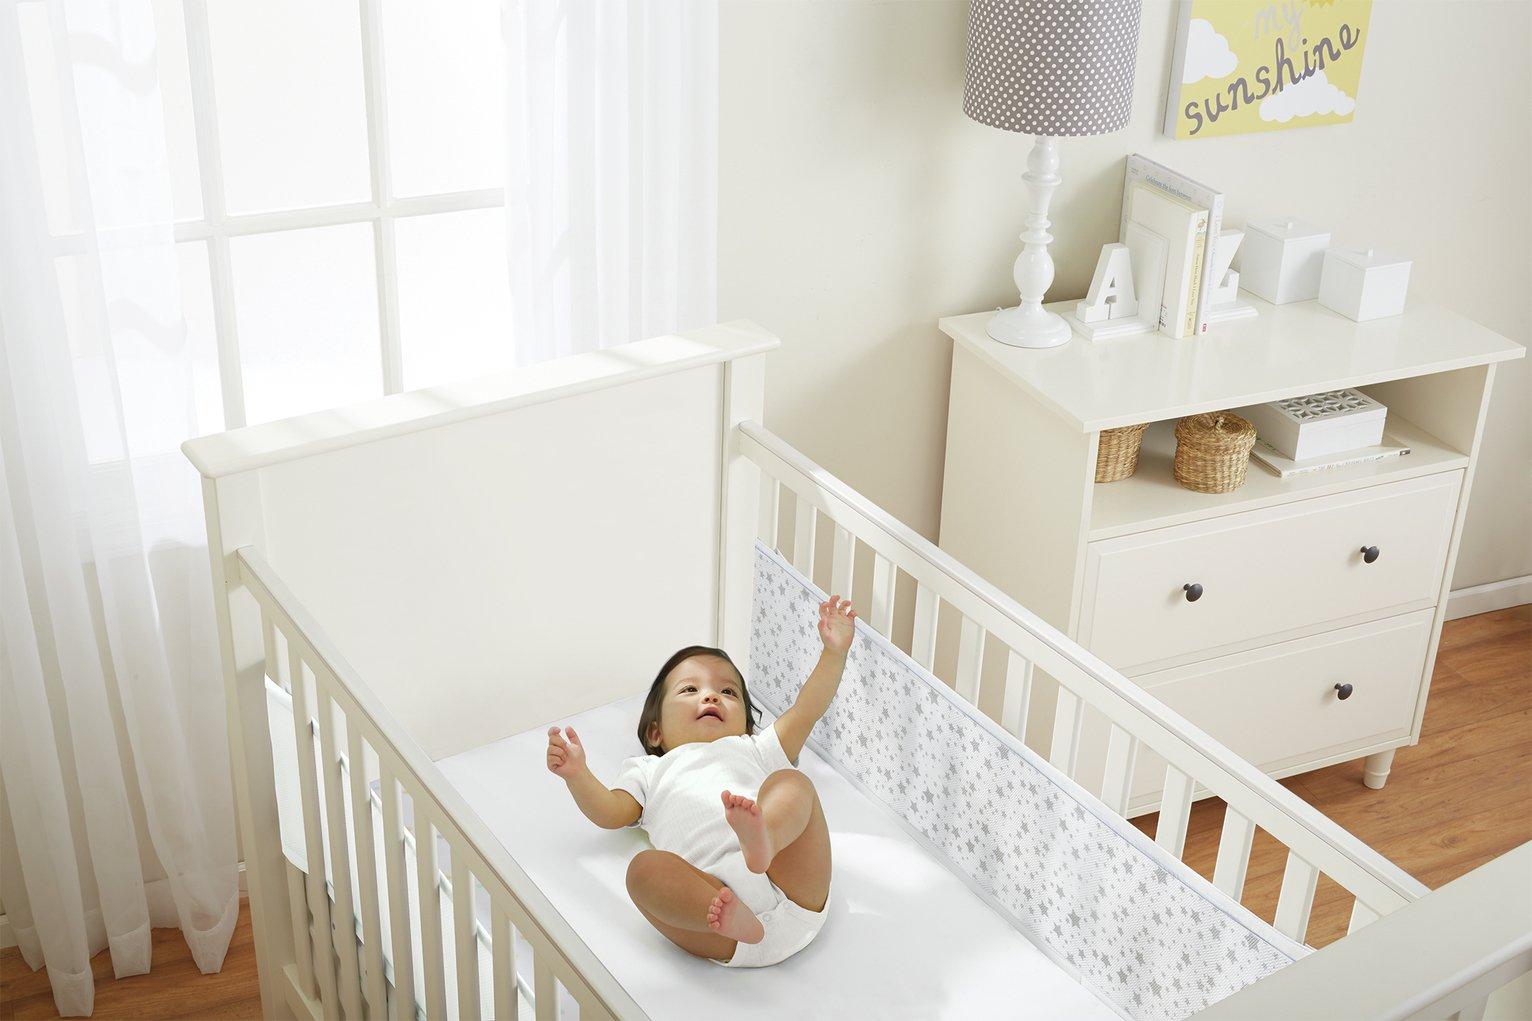 Image of BreathableBaby - 2 Piece Mesh Crib Liner - Twinkle Twinkle